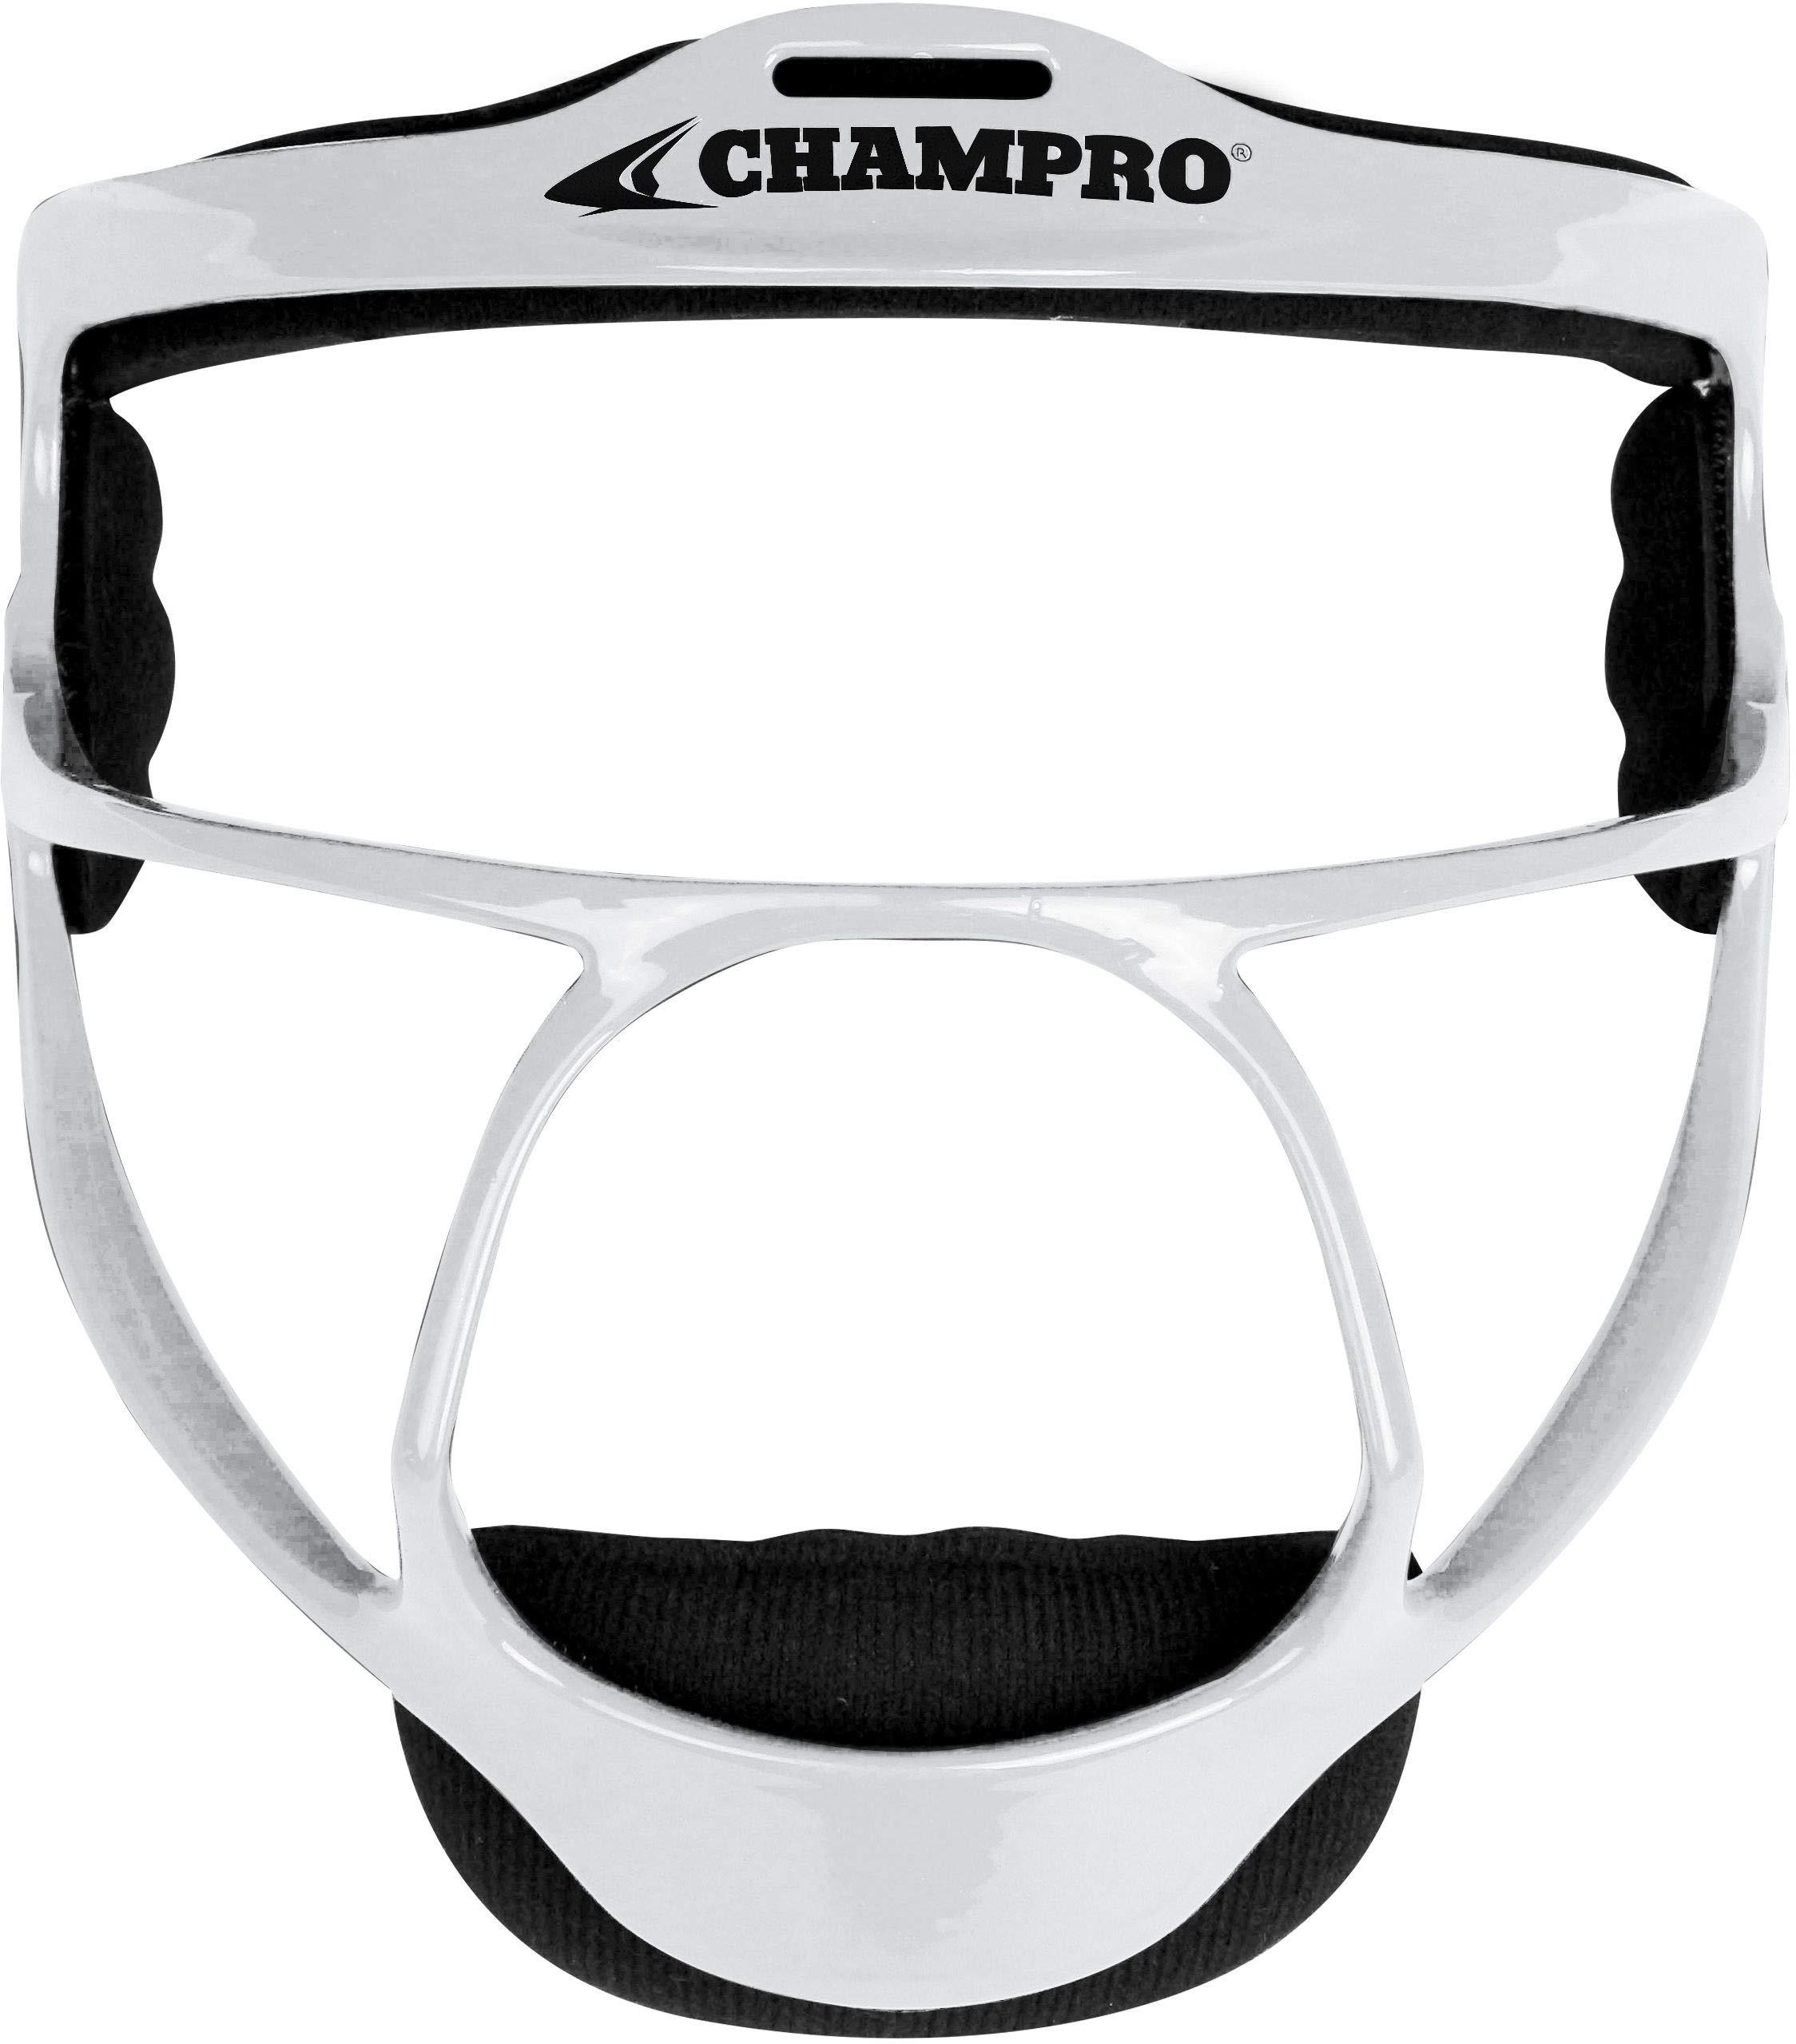 CHAMPRO Youth Rampage Softball Fielders Mask White by CHAMPRO